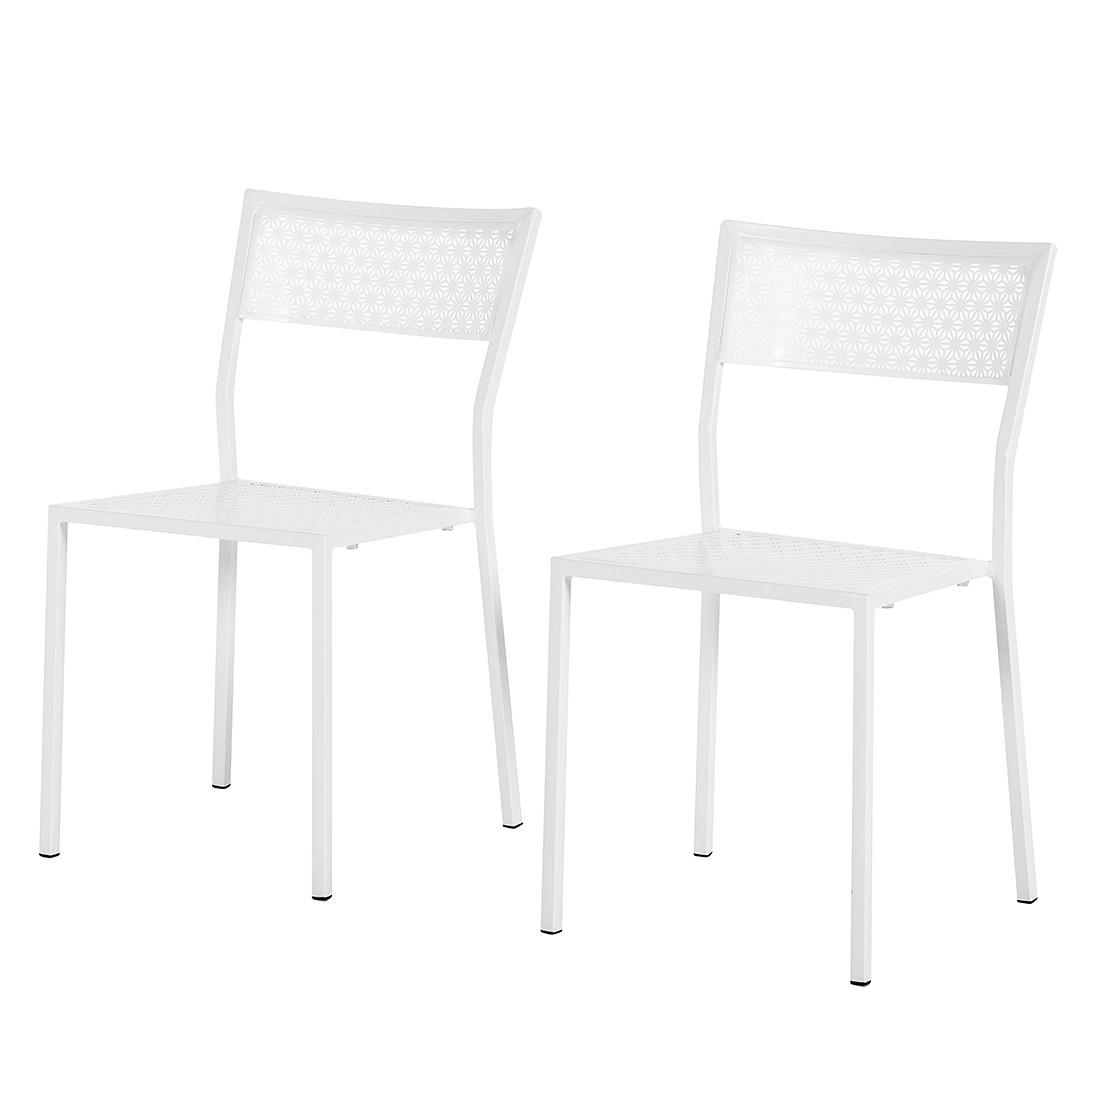 Gartenstuhl Pini (2er-Set) - Metall Weiß, Garden Guerilla